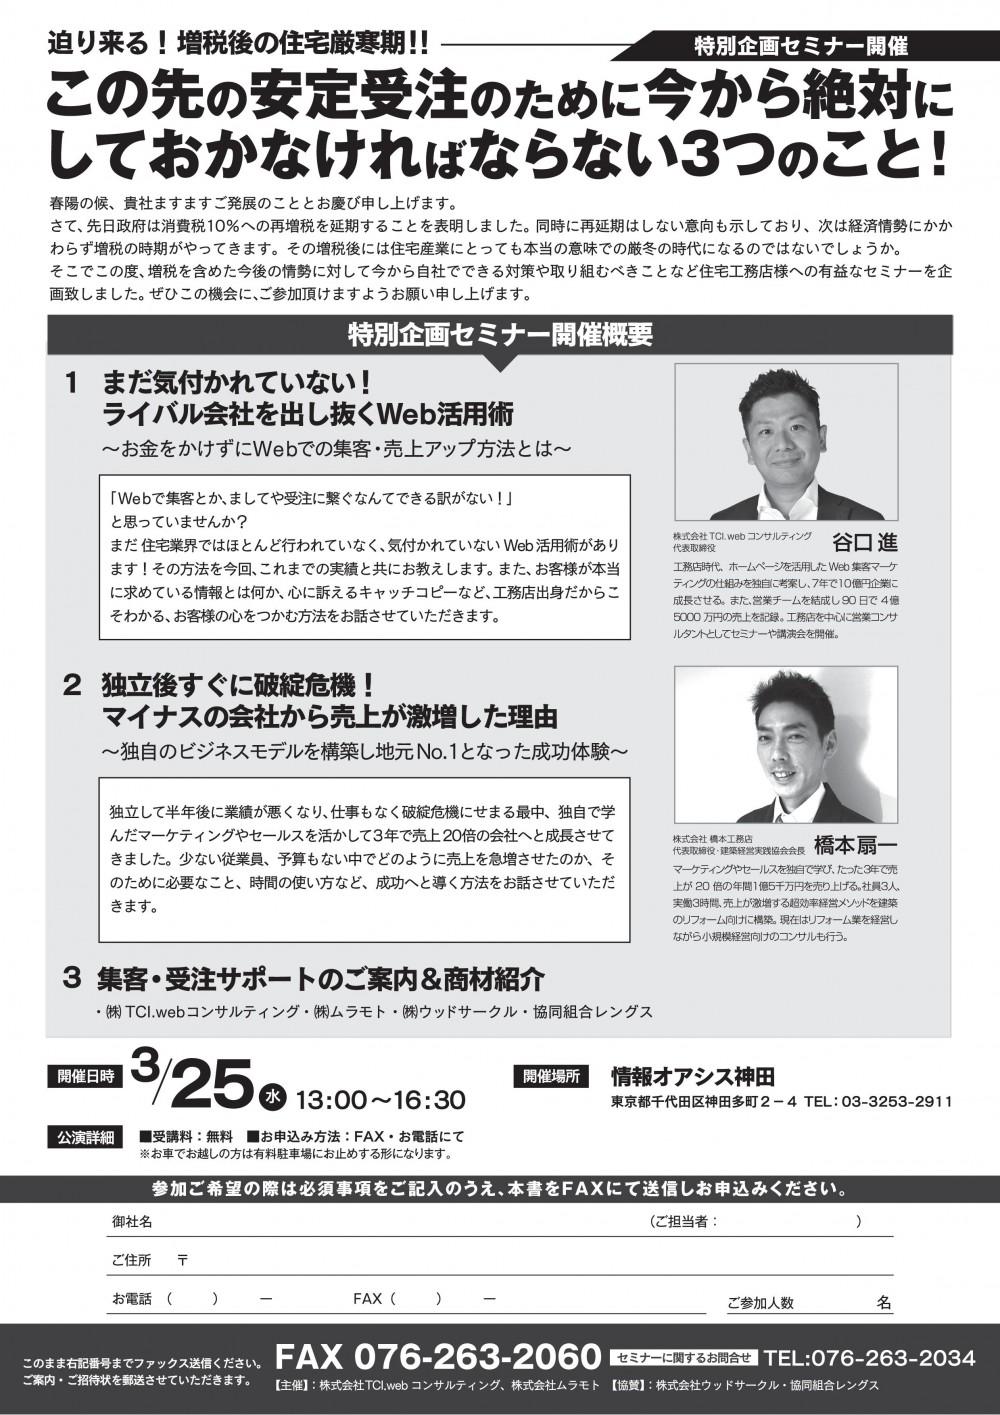 【第2回】セミナー申込書